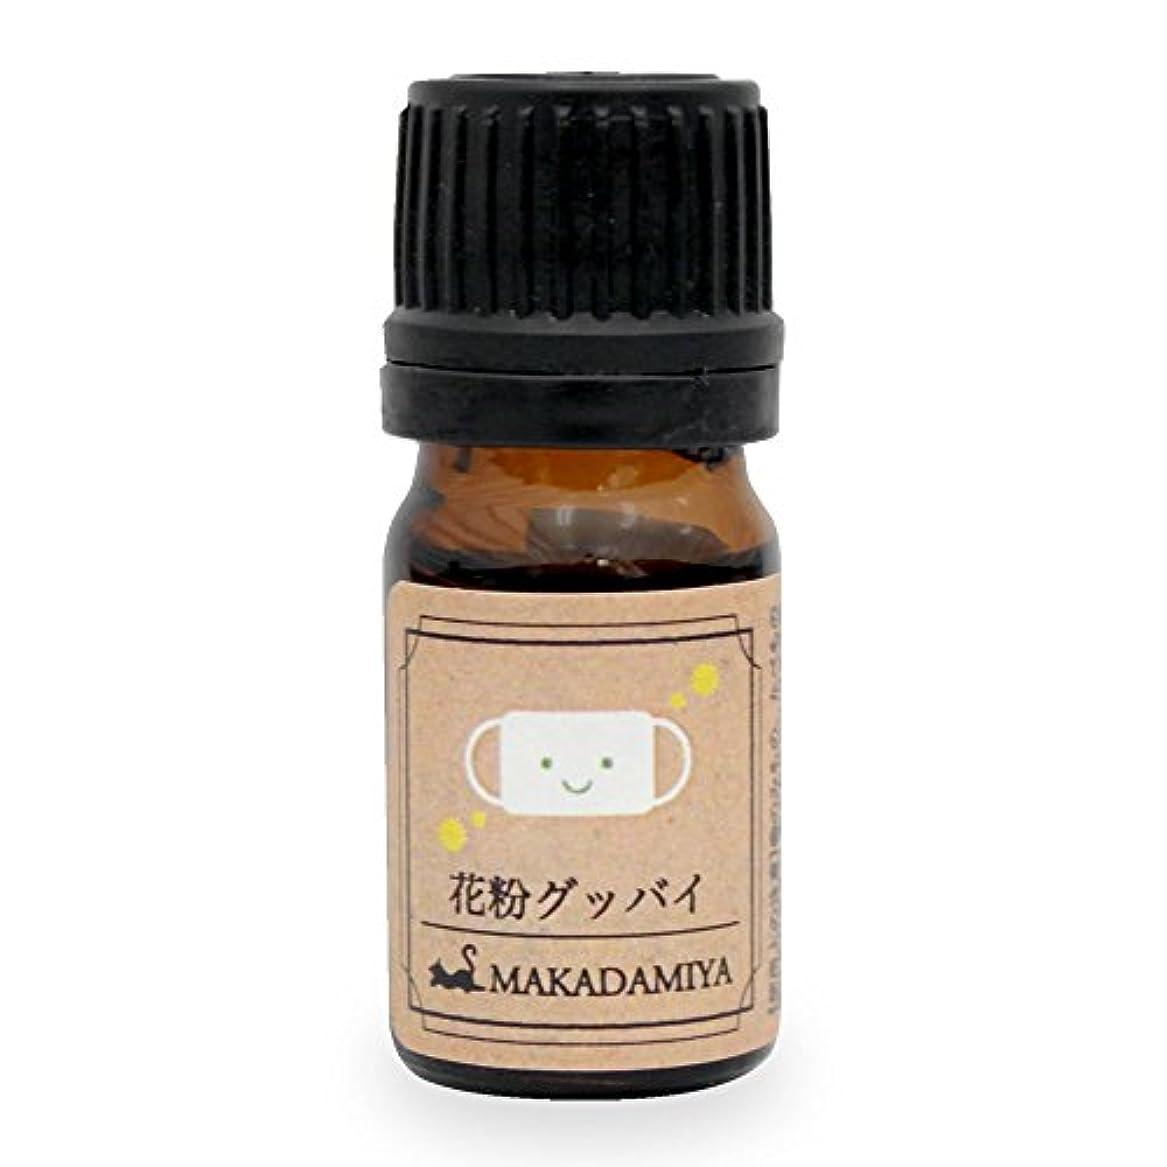 残酷海外特別な花粉グッバイ5ml (天然100%植物性/アロマオイル:ティートゥリー?ペパーミント?ユーカリ?ラベンダー?マートル配合)